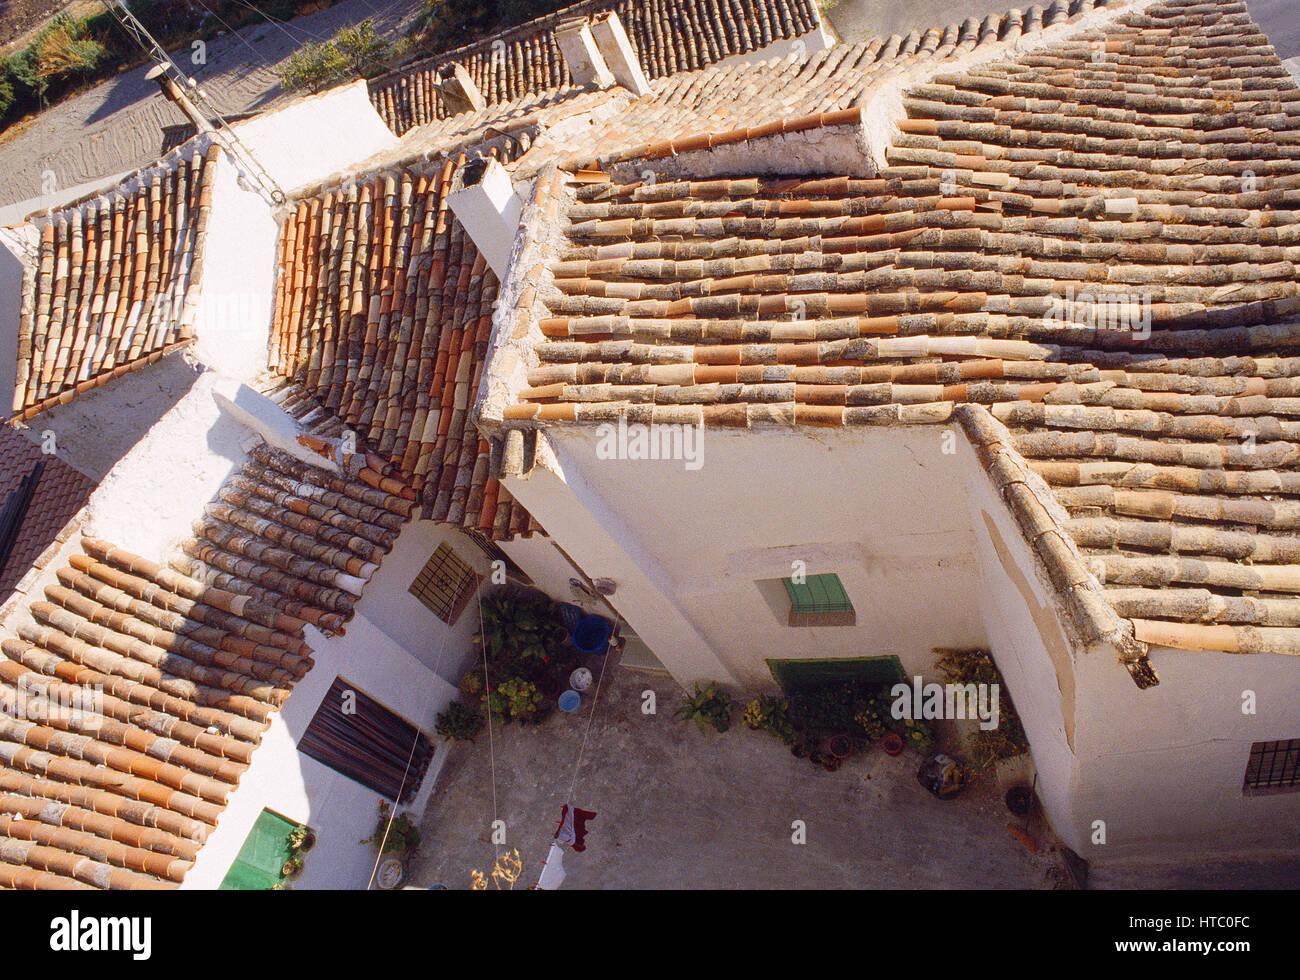 Häuser in der Altstadt, Ansicht von oben. Tarancon, Cuenca Provinz, Castilla La Mancha, Spanien. Stockbild